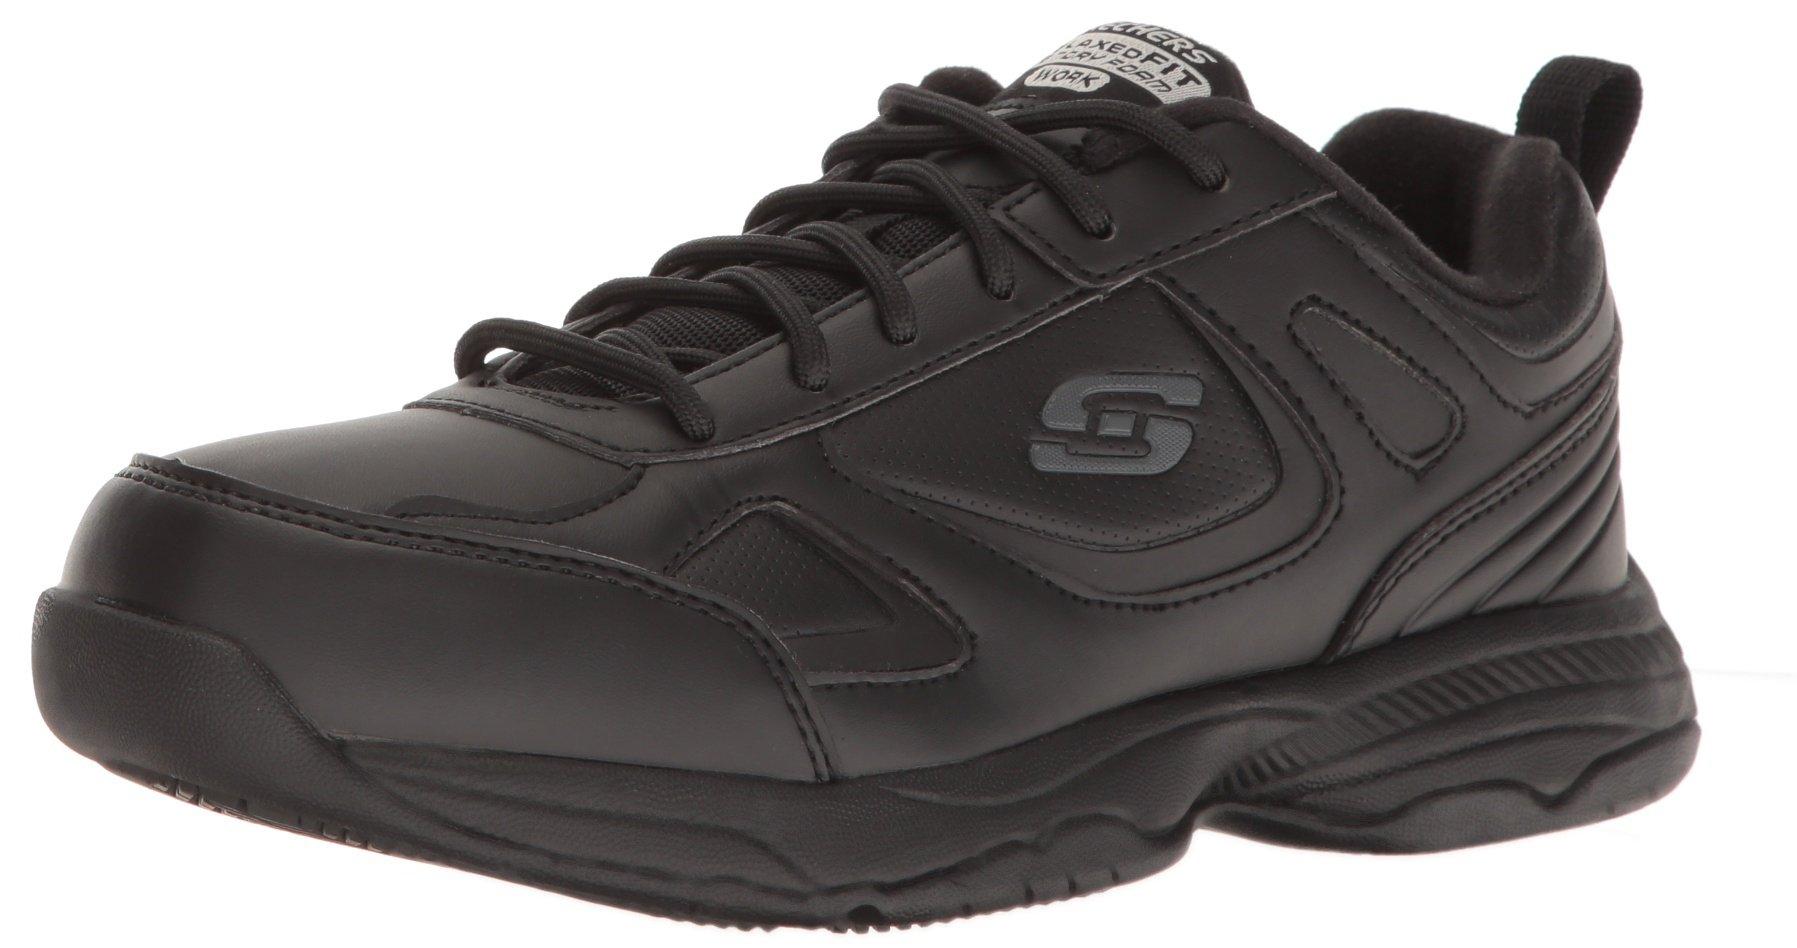 Skechers for Work Women's Dighton Bricelyn Wide Work Shoe, Black, 5 W US